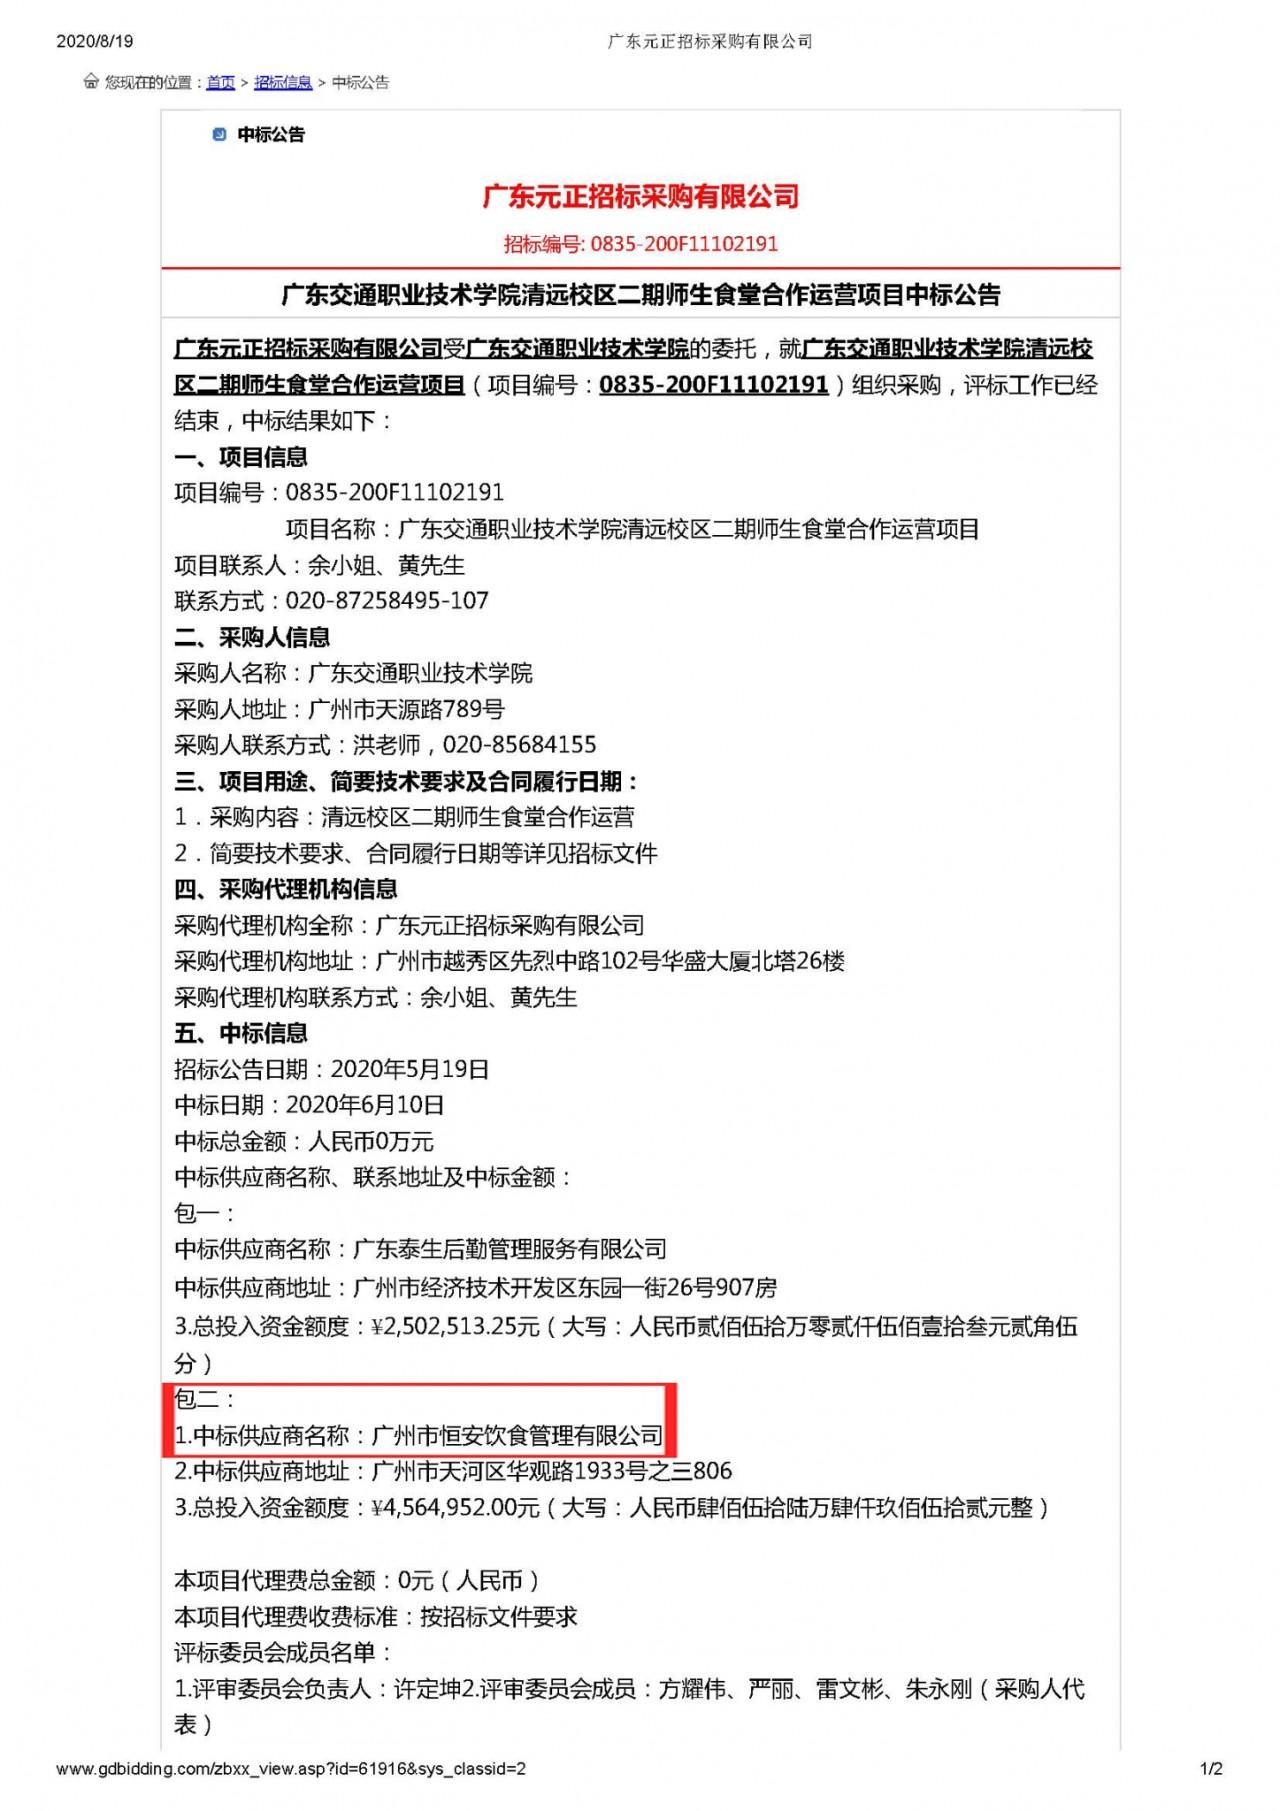 广东元正招标采购有限公司_页面_1_看图王.jpg